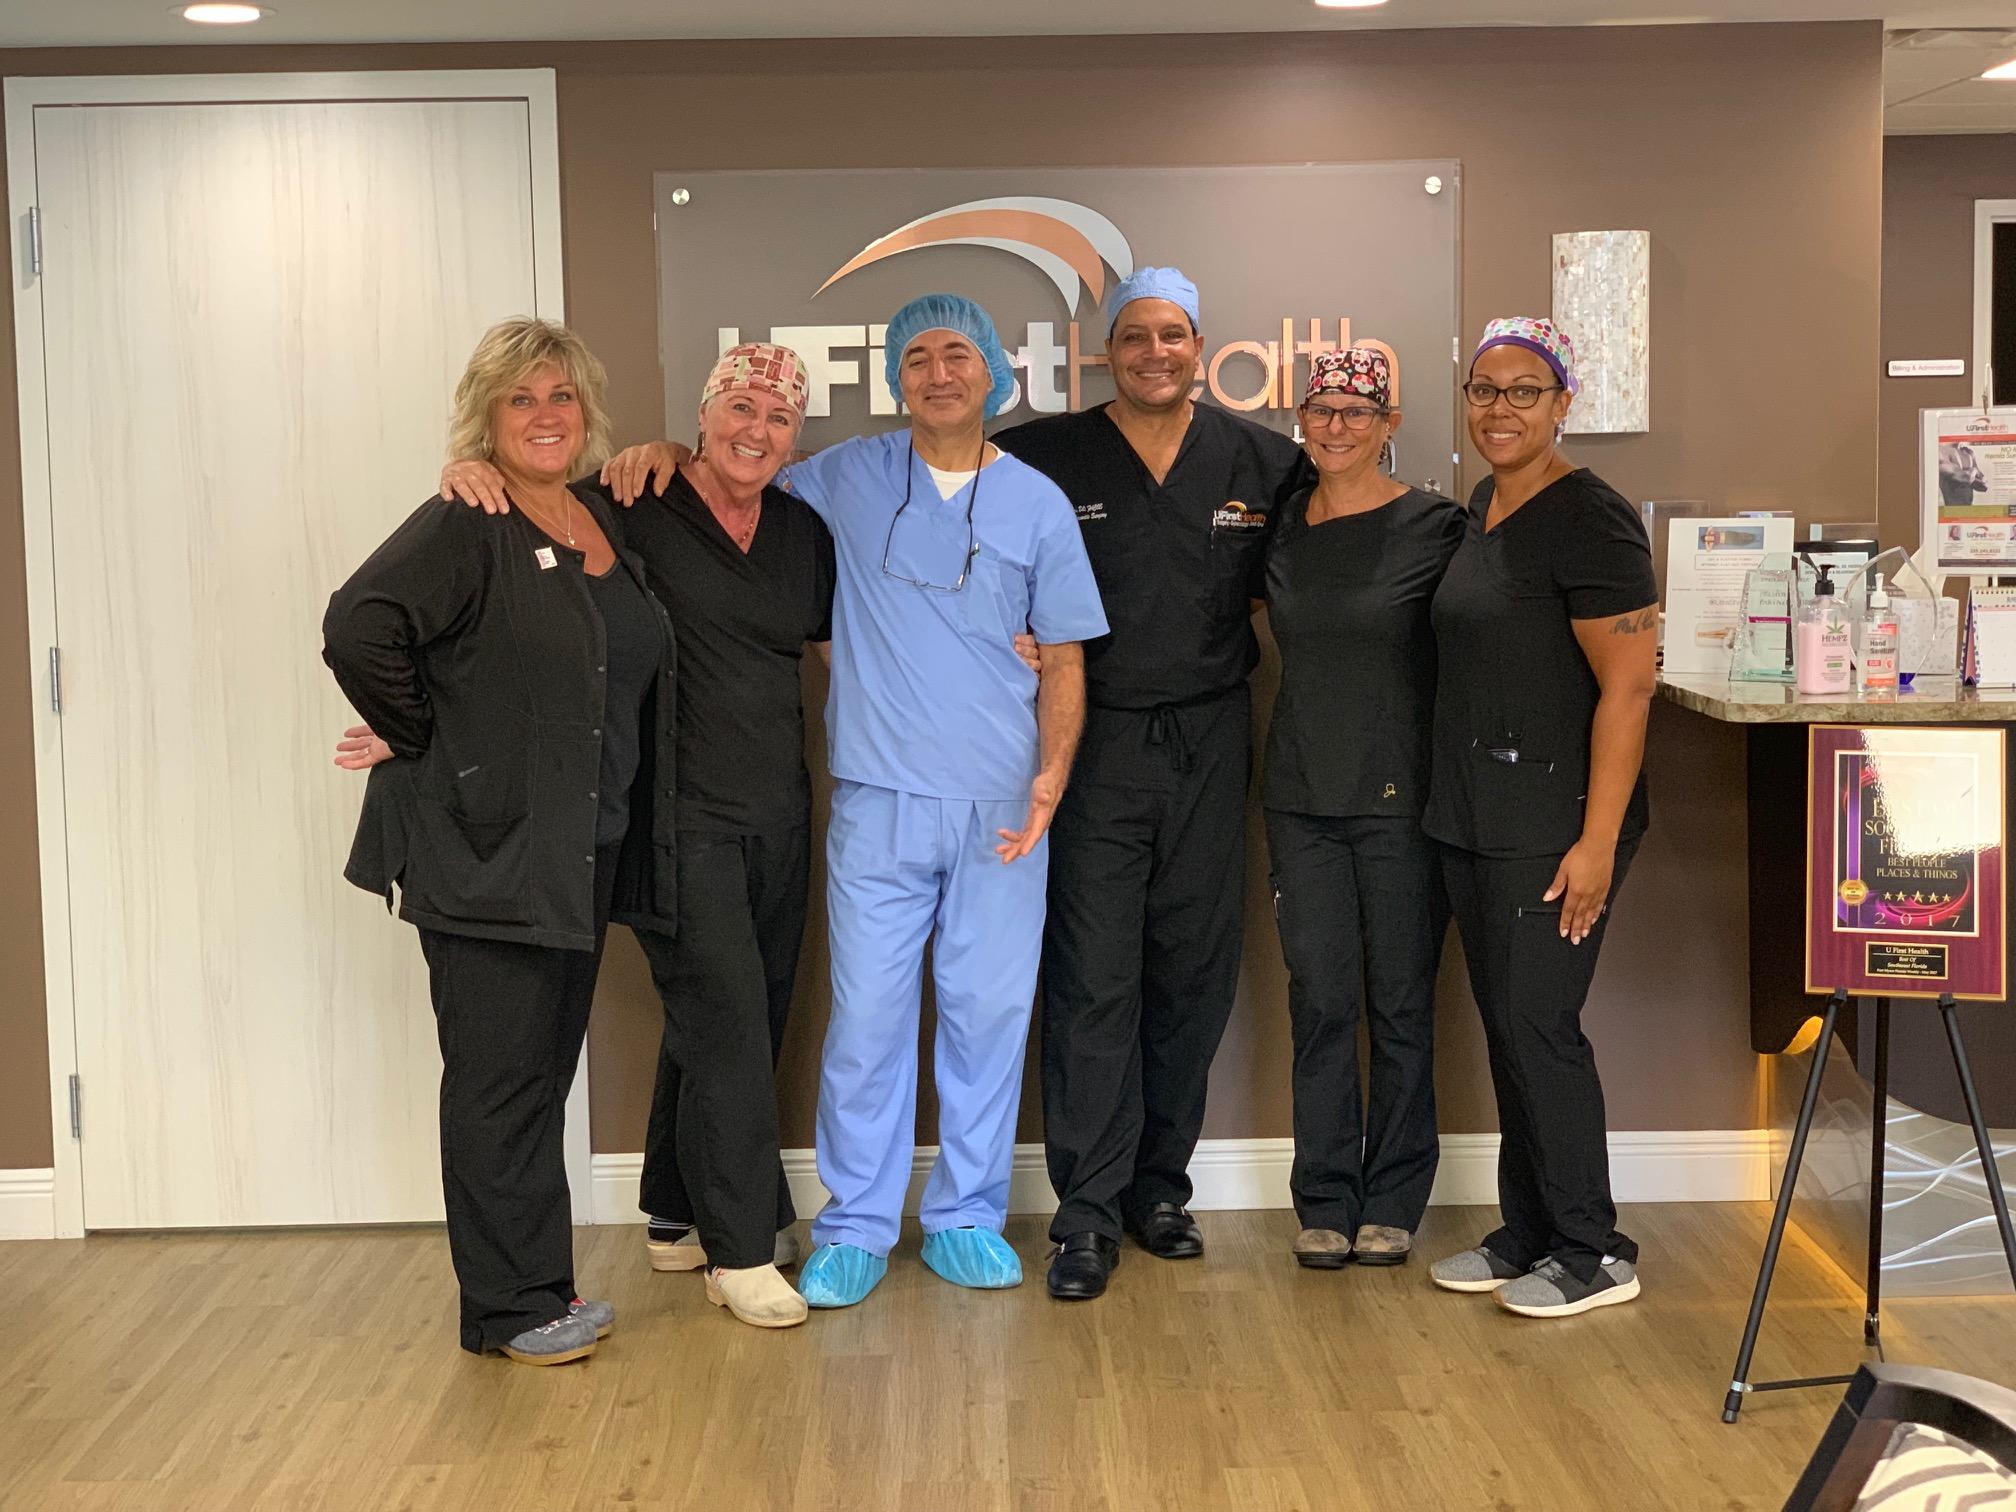 U First Hernia Surgery team